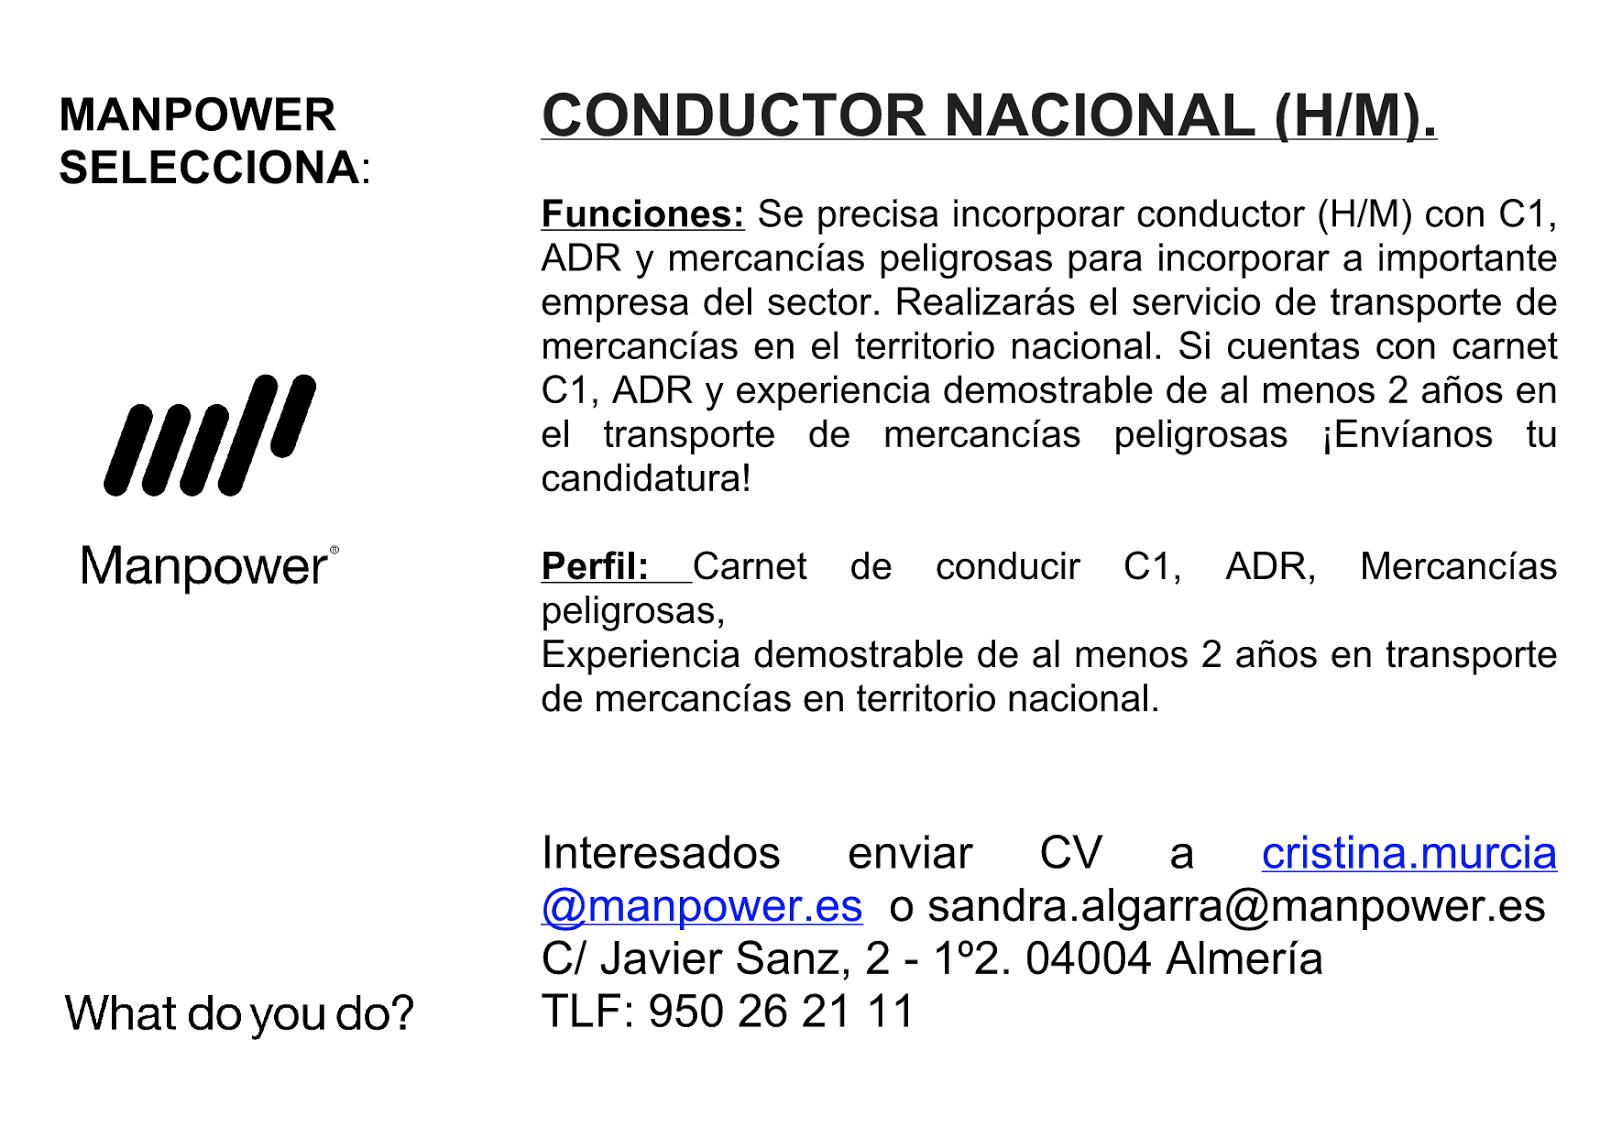 Ofertas de Empleo en España: Conductor Nacional C1, ADR y ... - photo#16